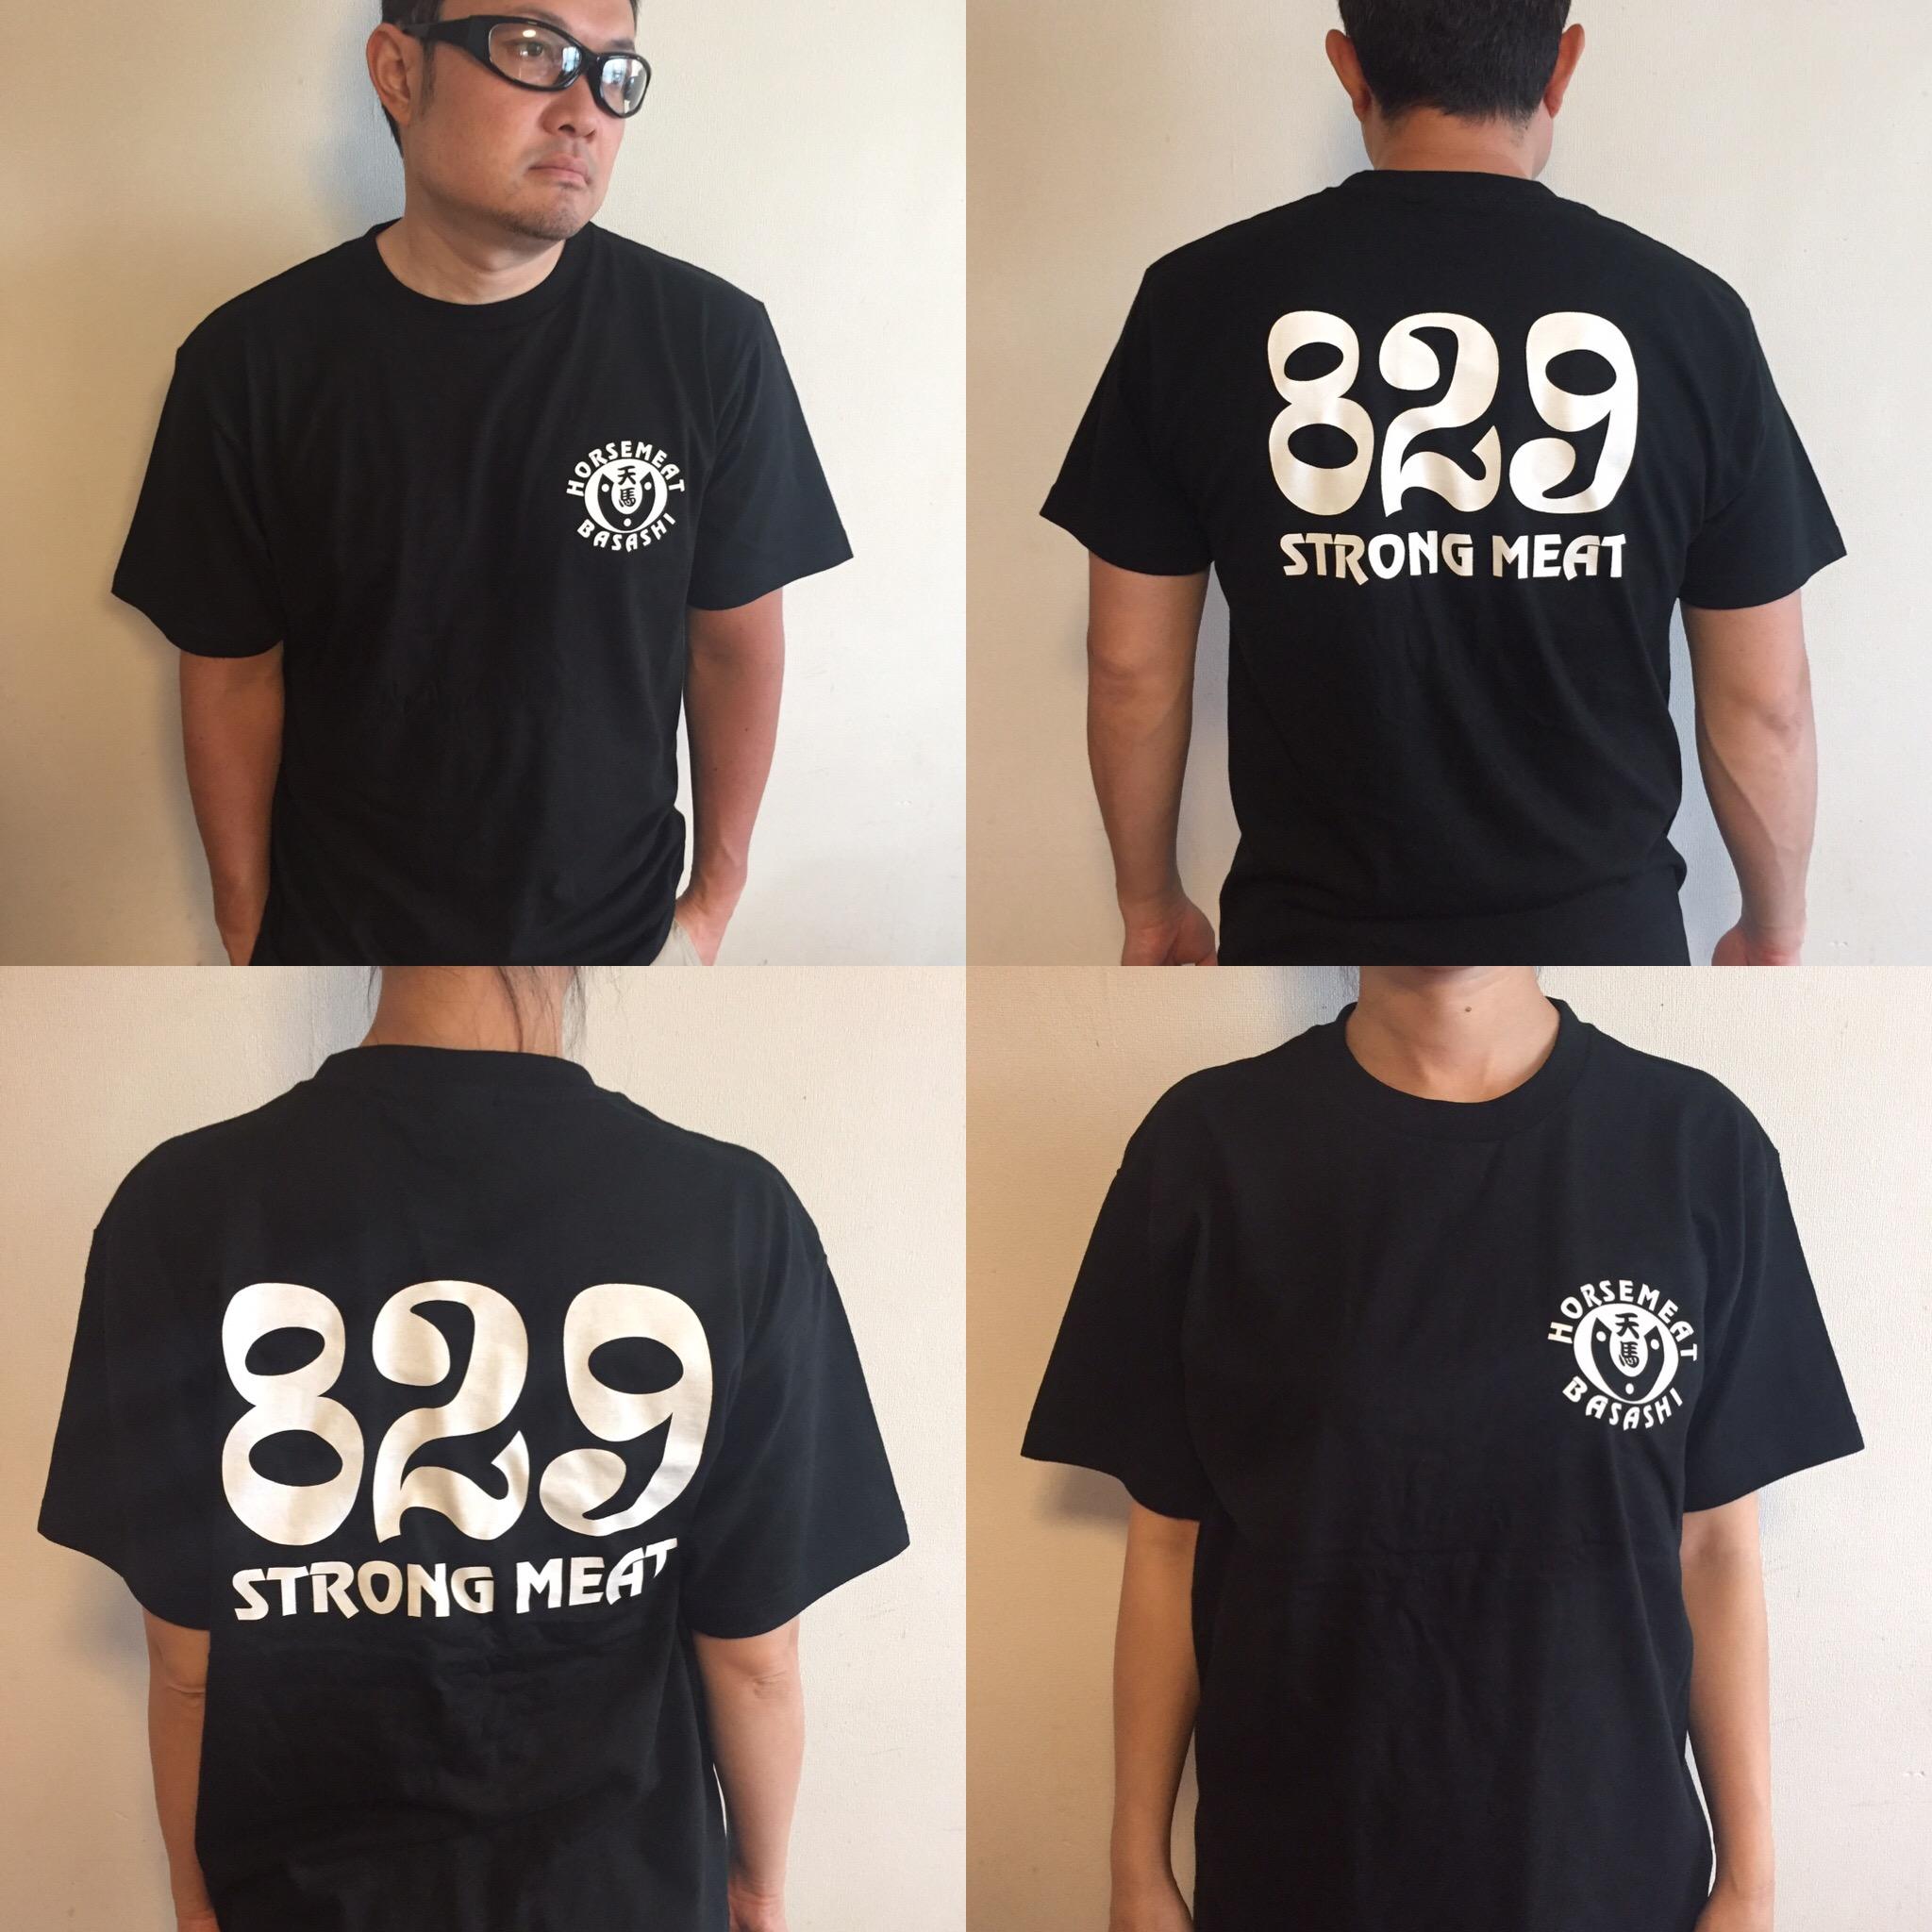 天馬 オリジナル Tシャツ 829